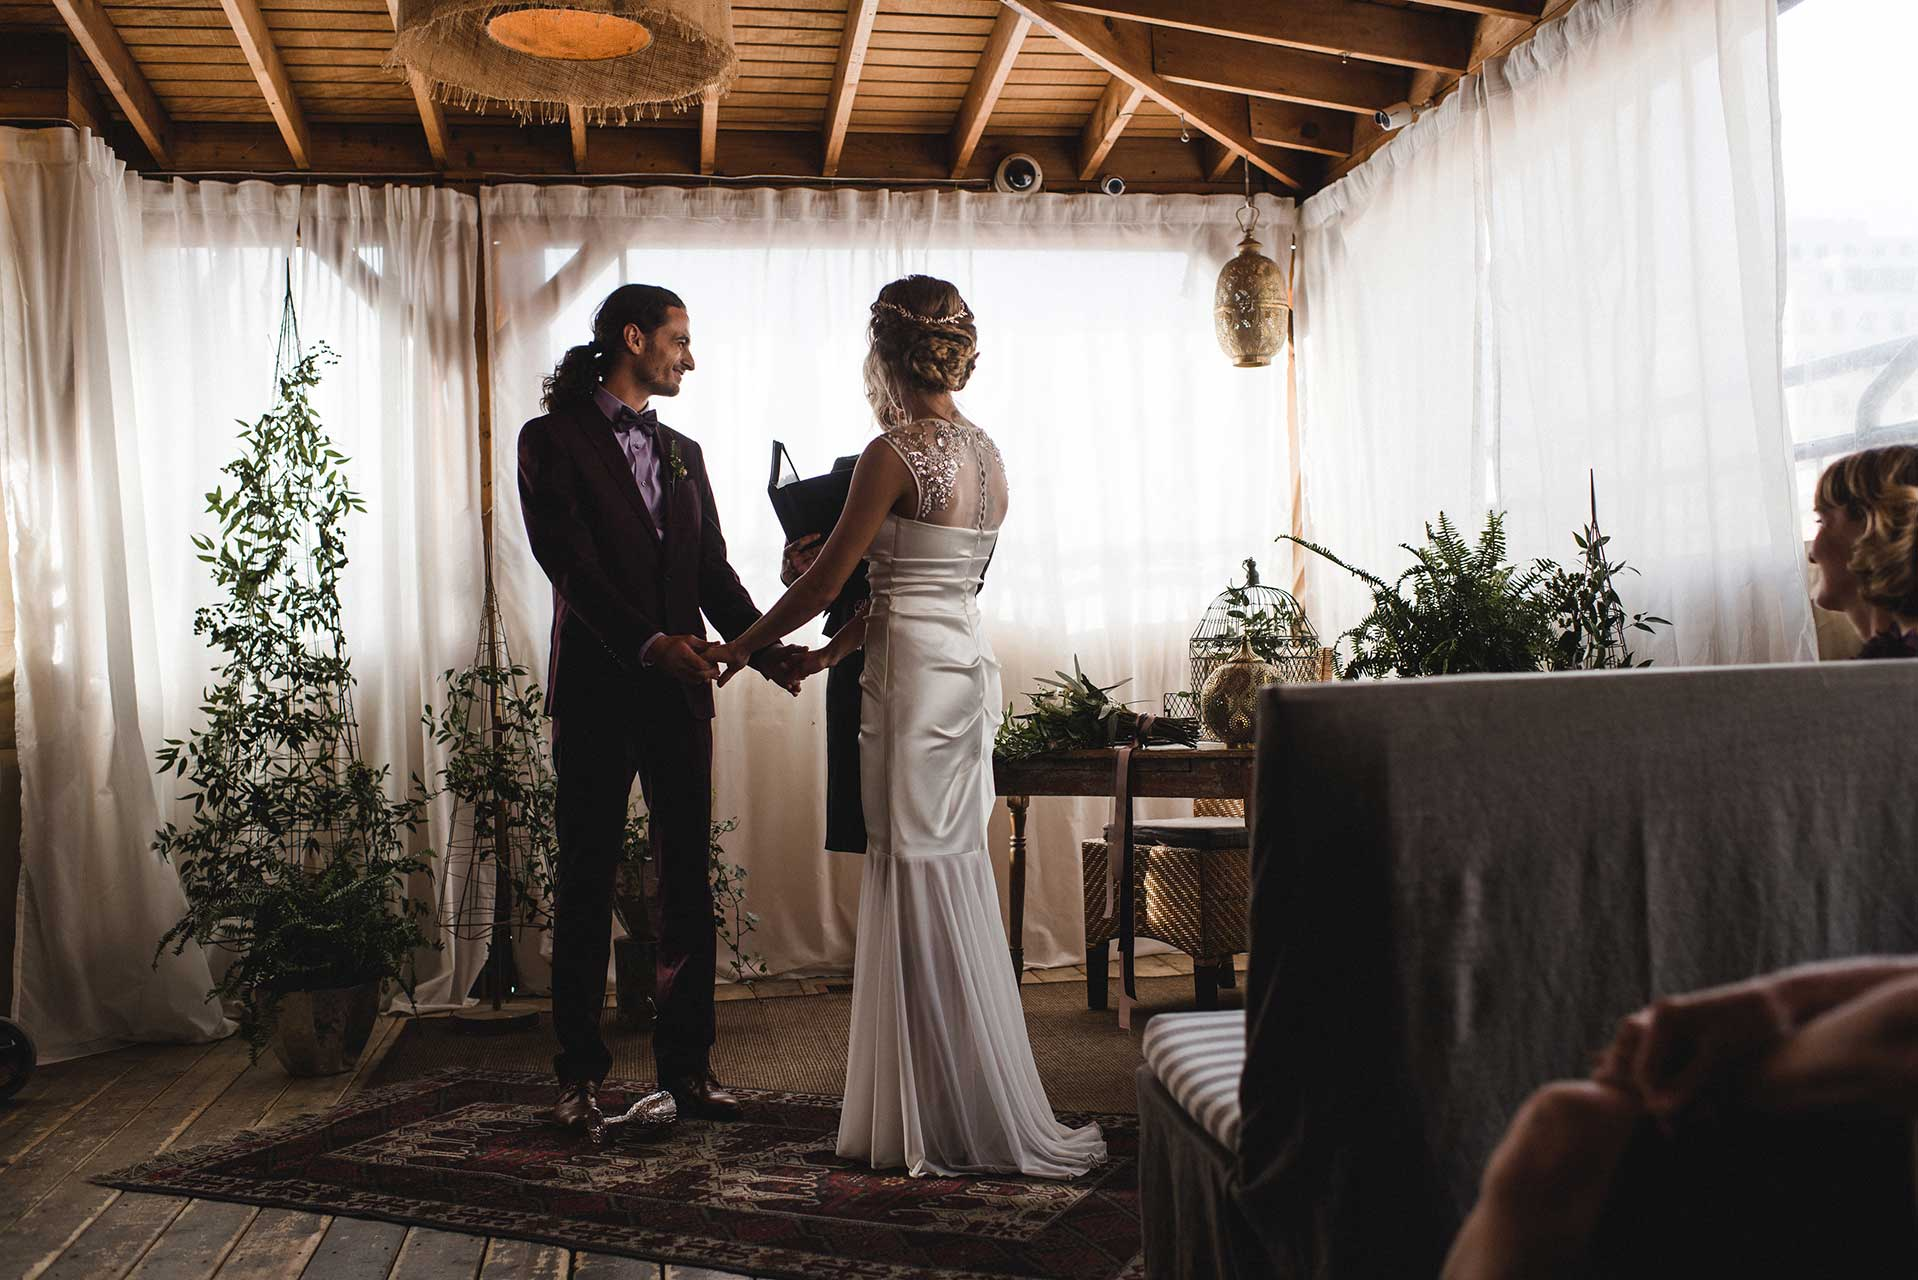 Unique Wedding Venues Toronto - Rooftop Terrace - Wedding Ceremony